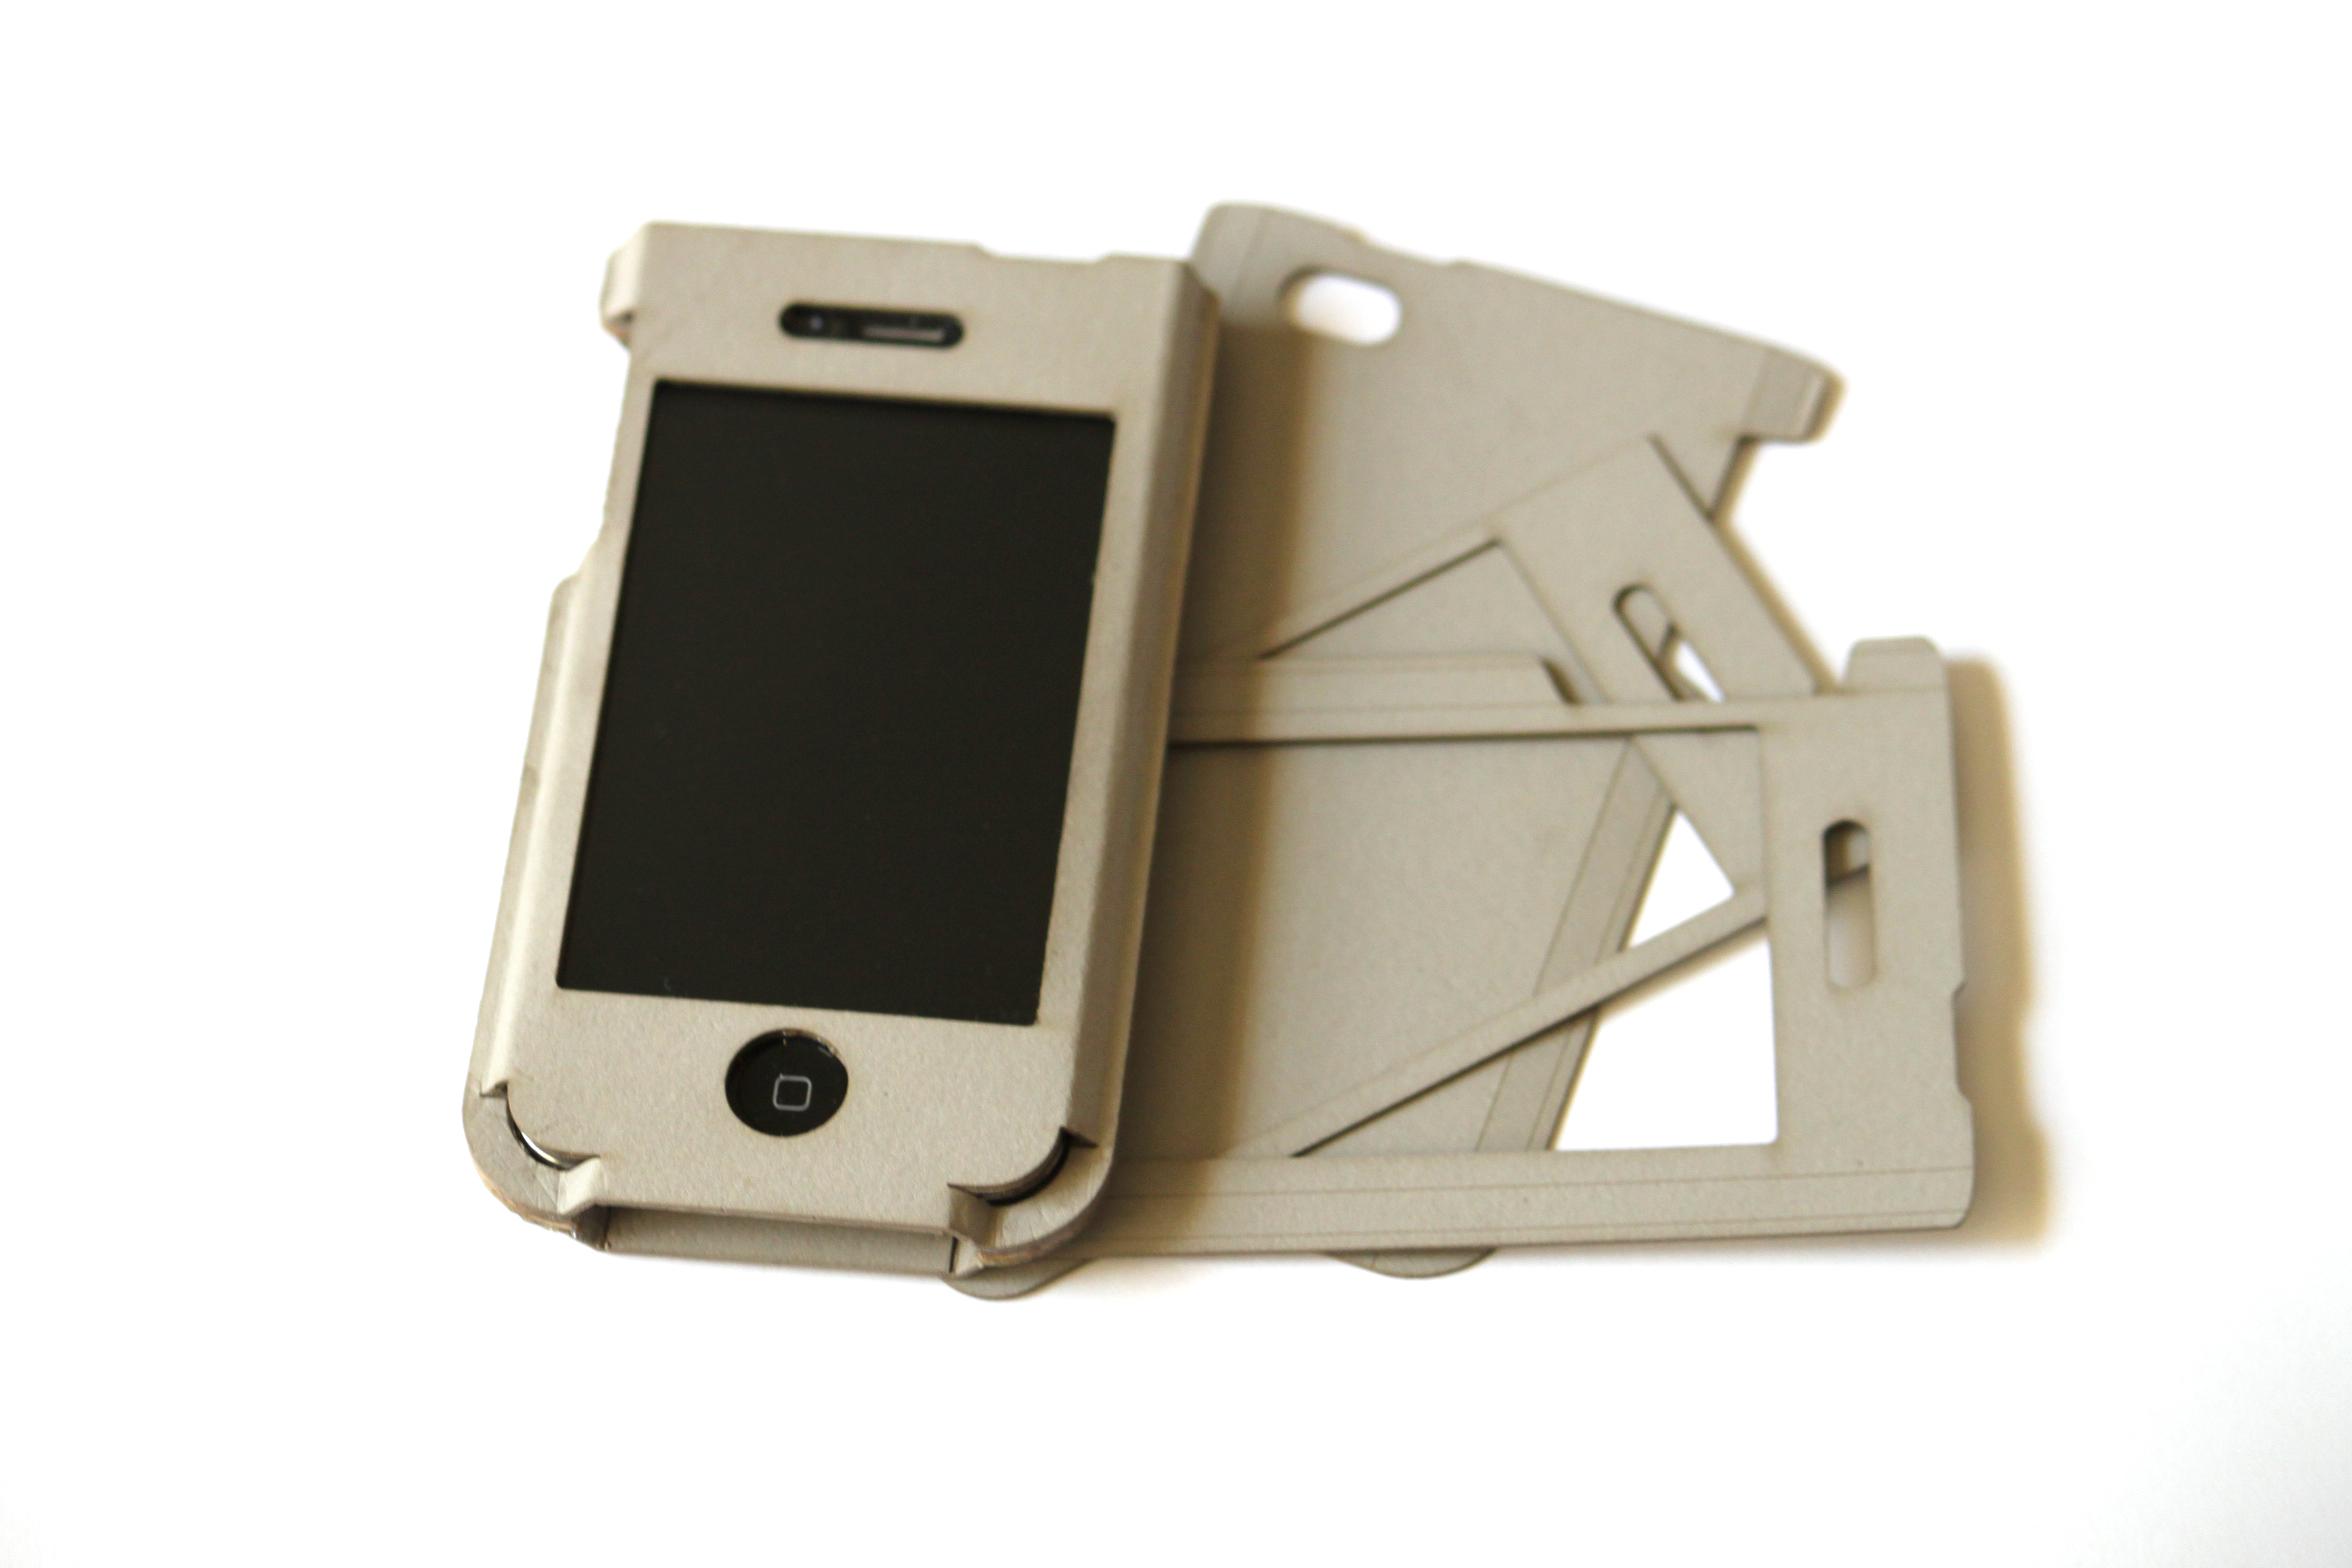 Original Iphone Prototype Irecycle iphone case